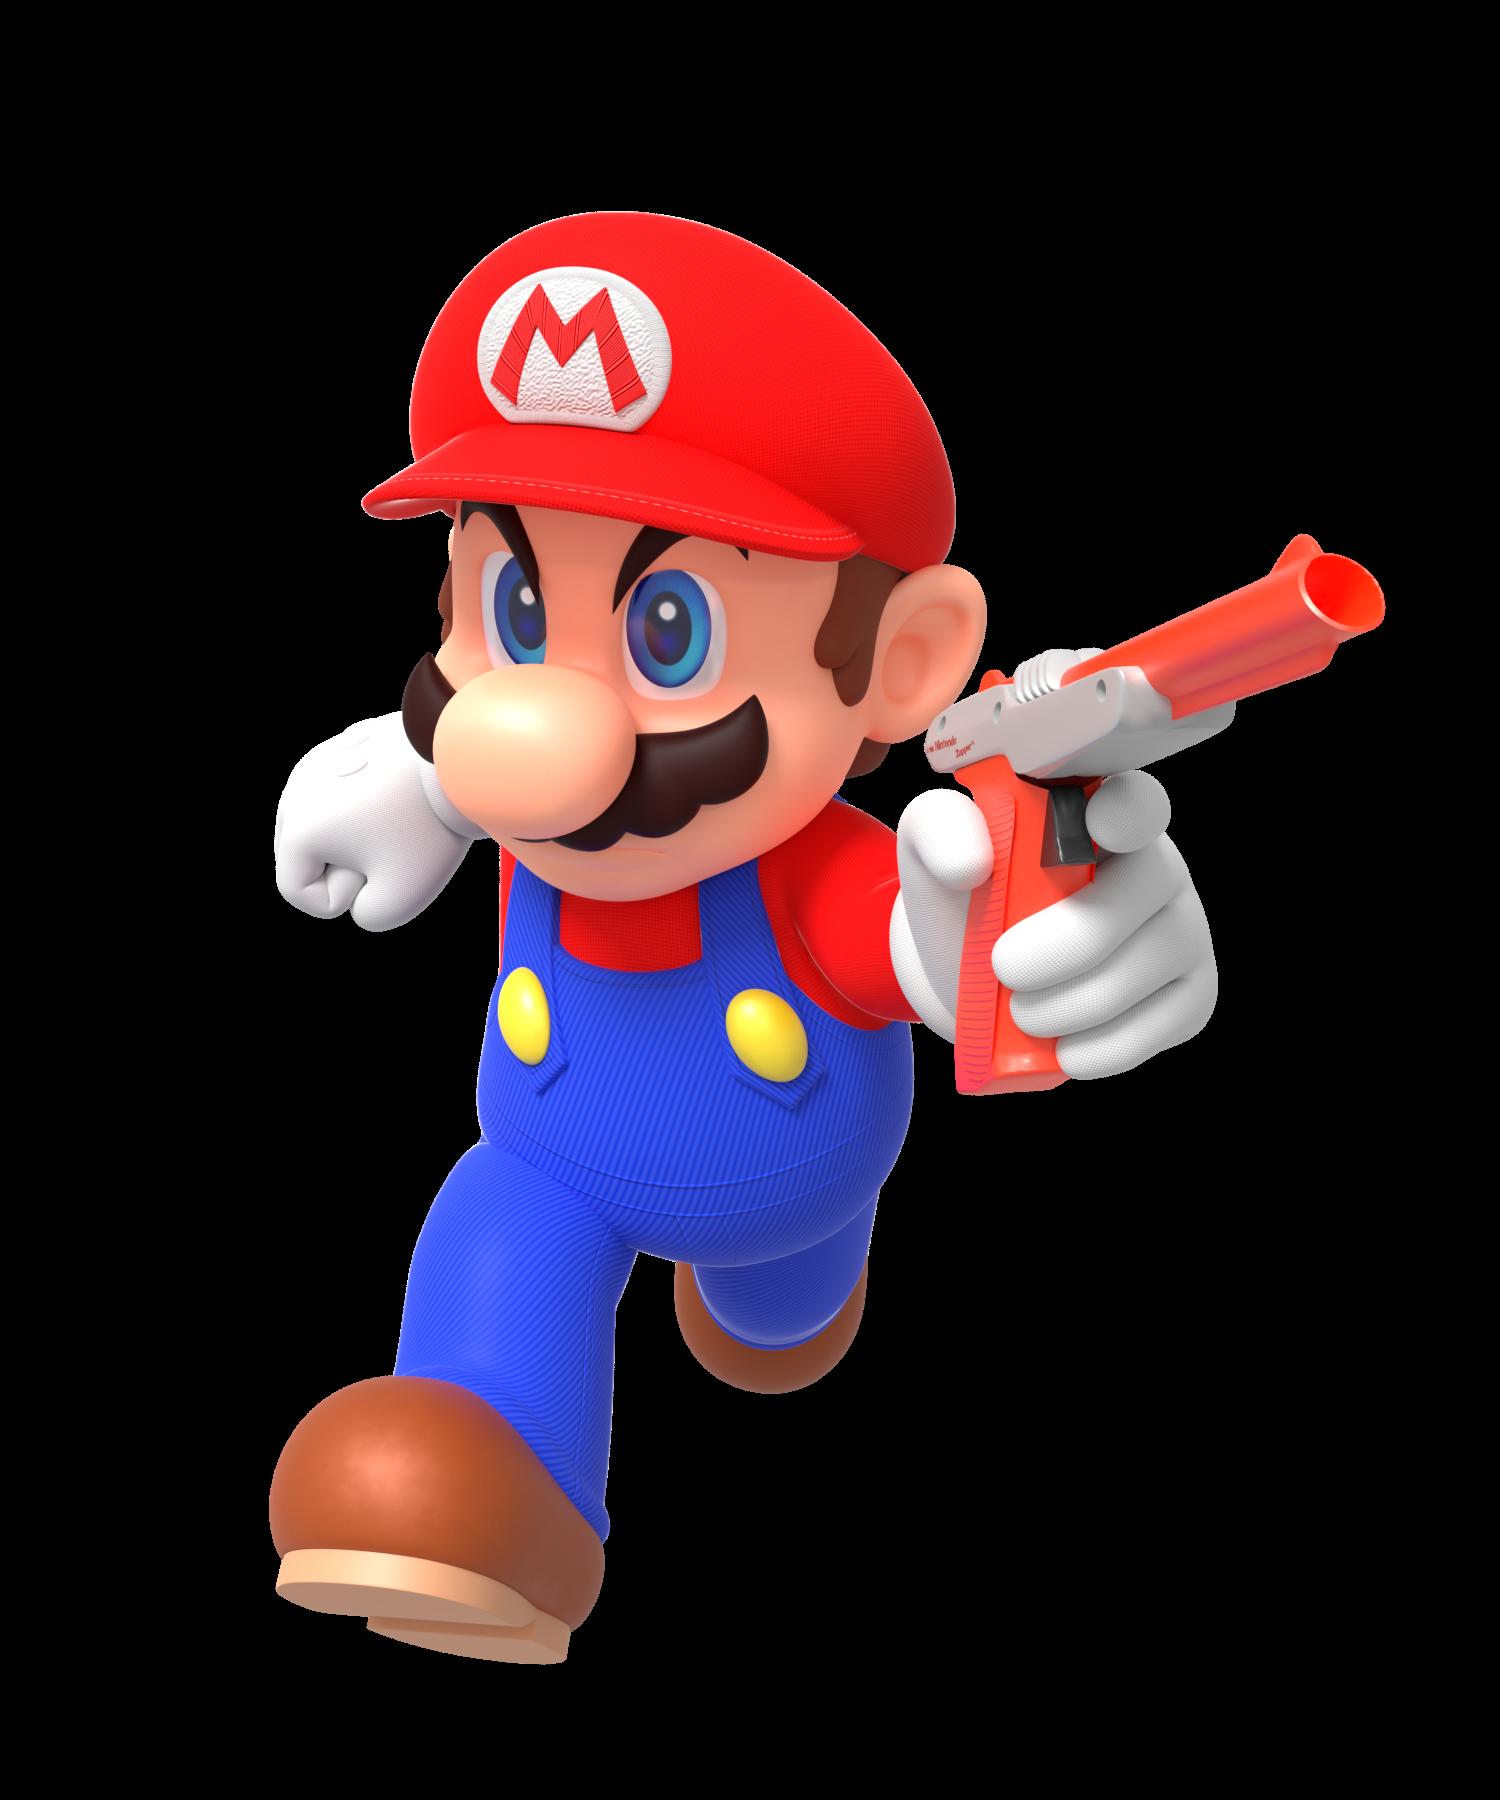 Mario With Nes Zapper By Nintega Dario On Deviantart Super Mario Bros Super Mario Mario